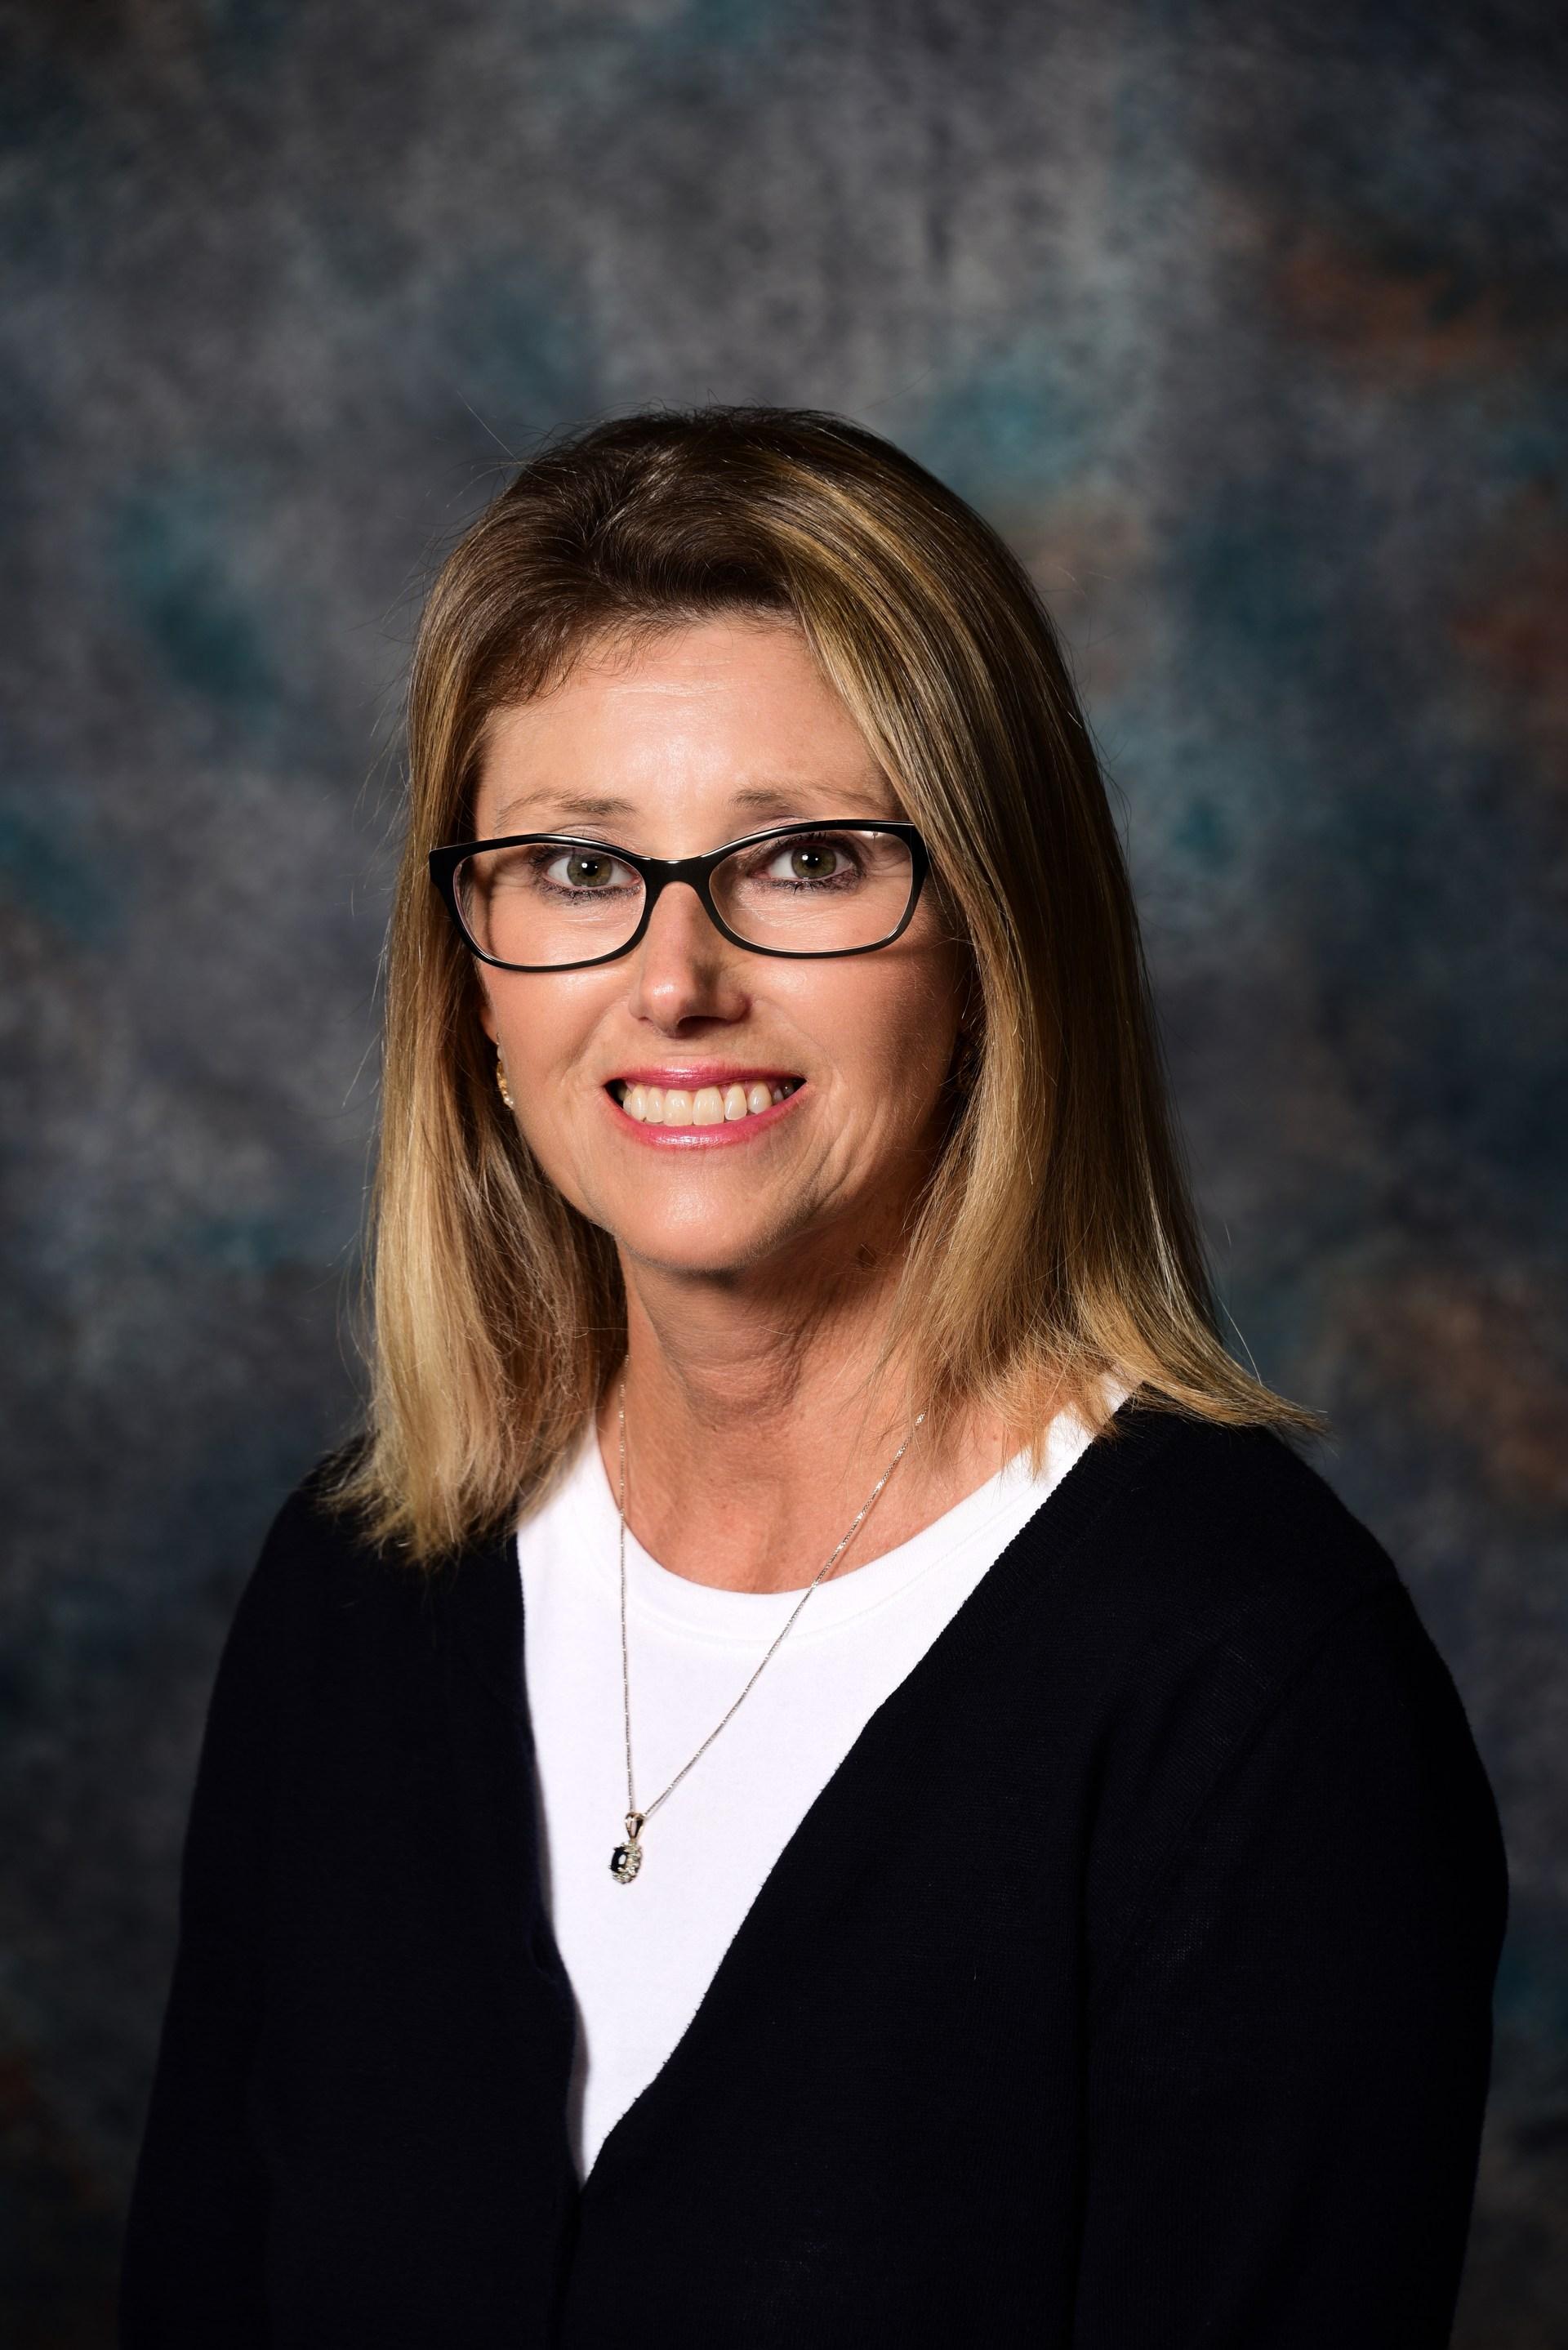 Mrs. Mullen